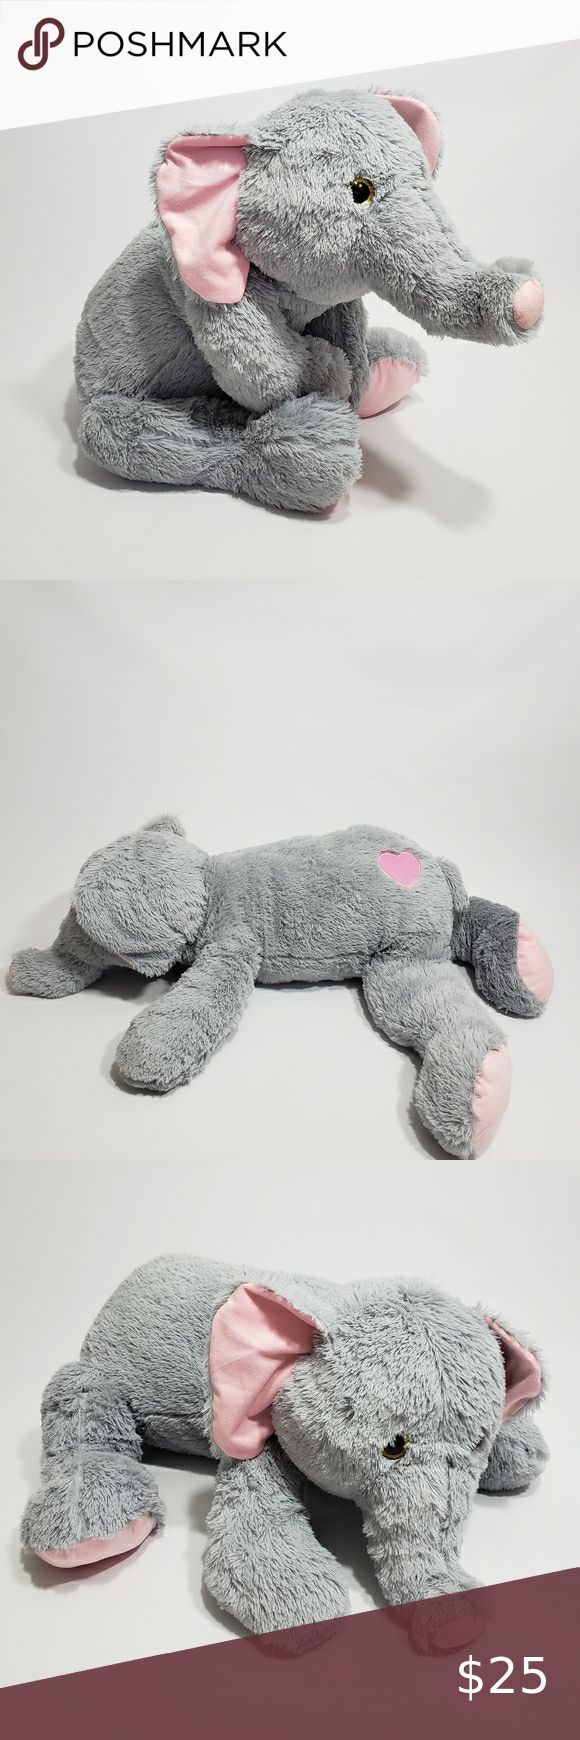 43 Giant Elephant Stuffed Animal Plush Heart Larg Elephant Stuffed Animal Plush Elephant [ 1740 x 580 Pixel ]